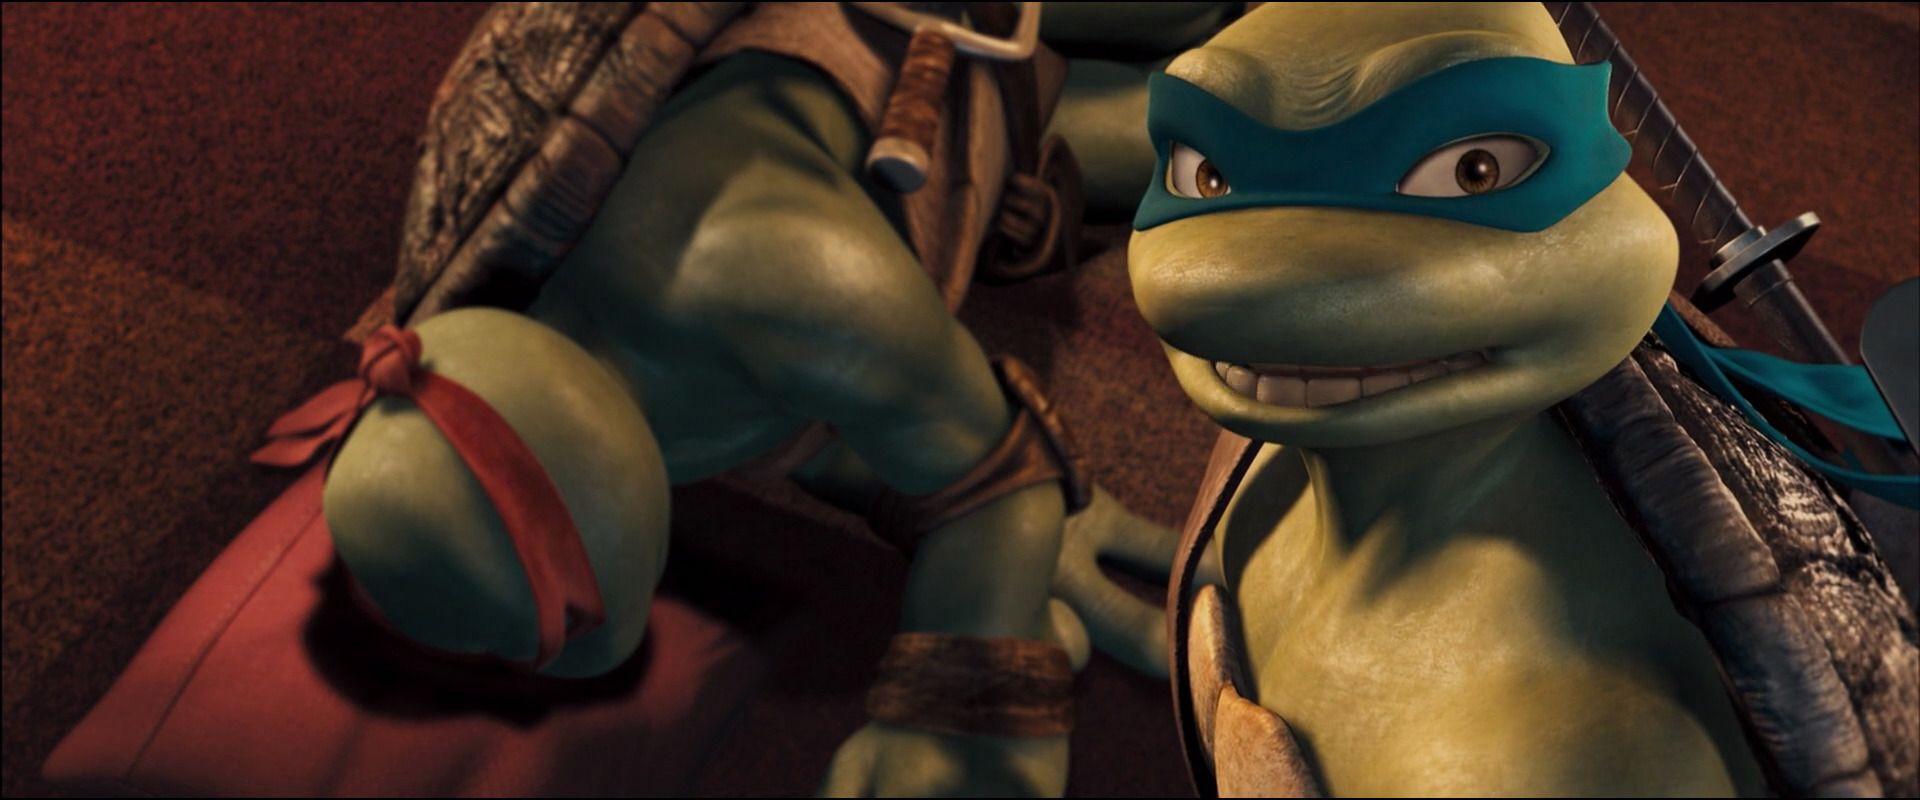 Tmnt 2007 Tmnt Leonardo Tmnt Ninja Turtles